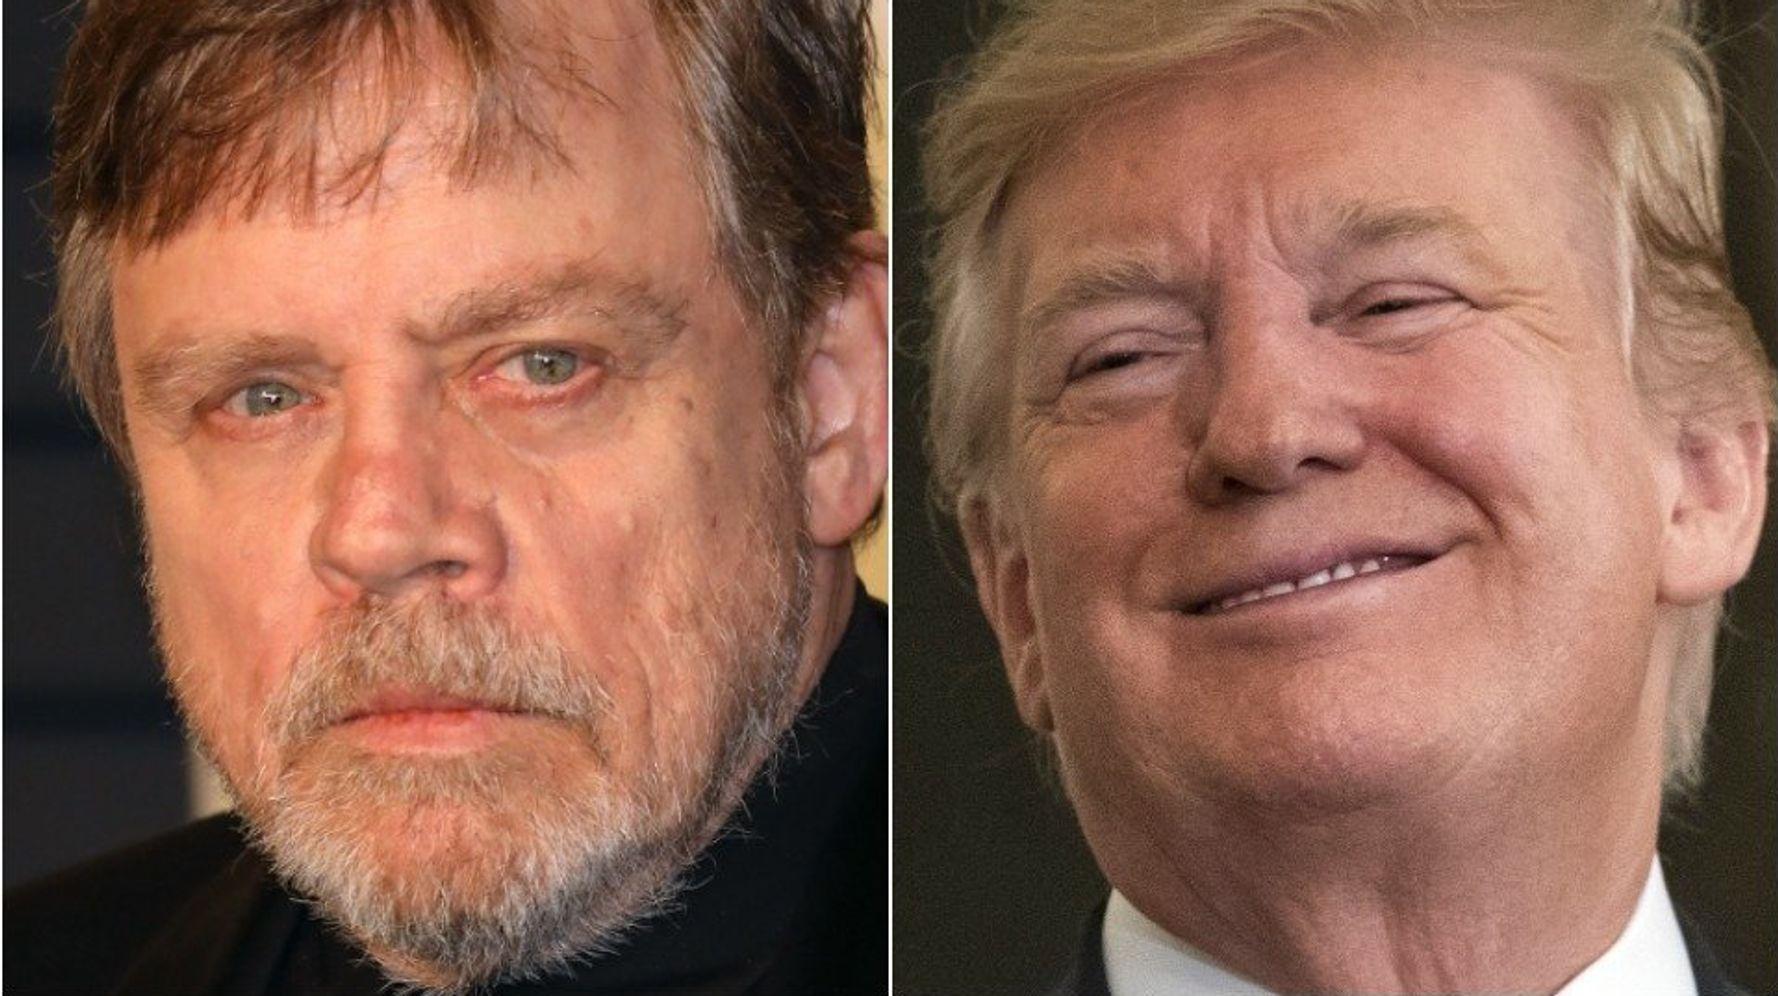 Mark Hamill Trolls Pro-Trump 'J6' Rally With A Blunt 'Star Wars' Comparison